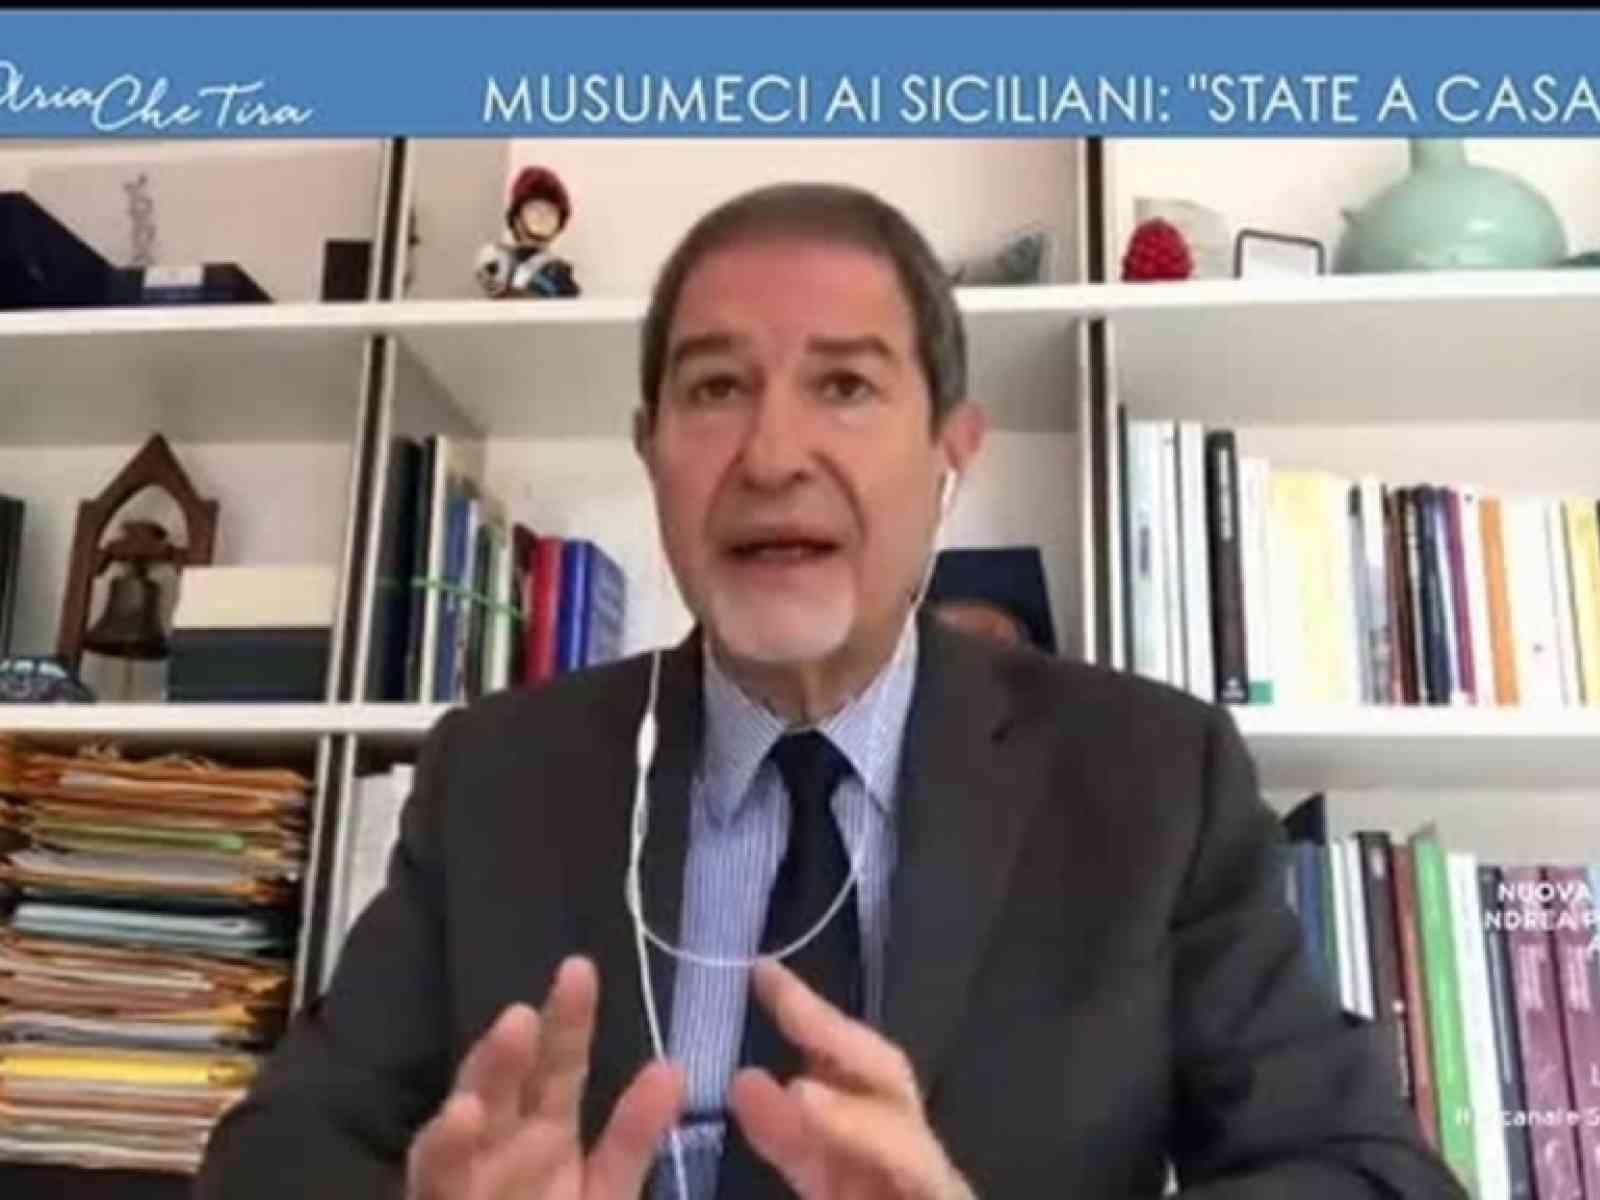 """Immagine articolo: Sbarchi a Messina, lettera di Musumeci al ministro dell'Interno: """"Non posso consentire tale irresponsabilità da parte del governo nazionale"""""""